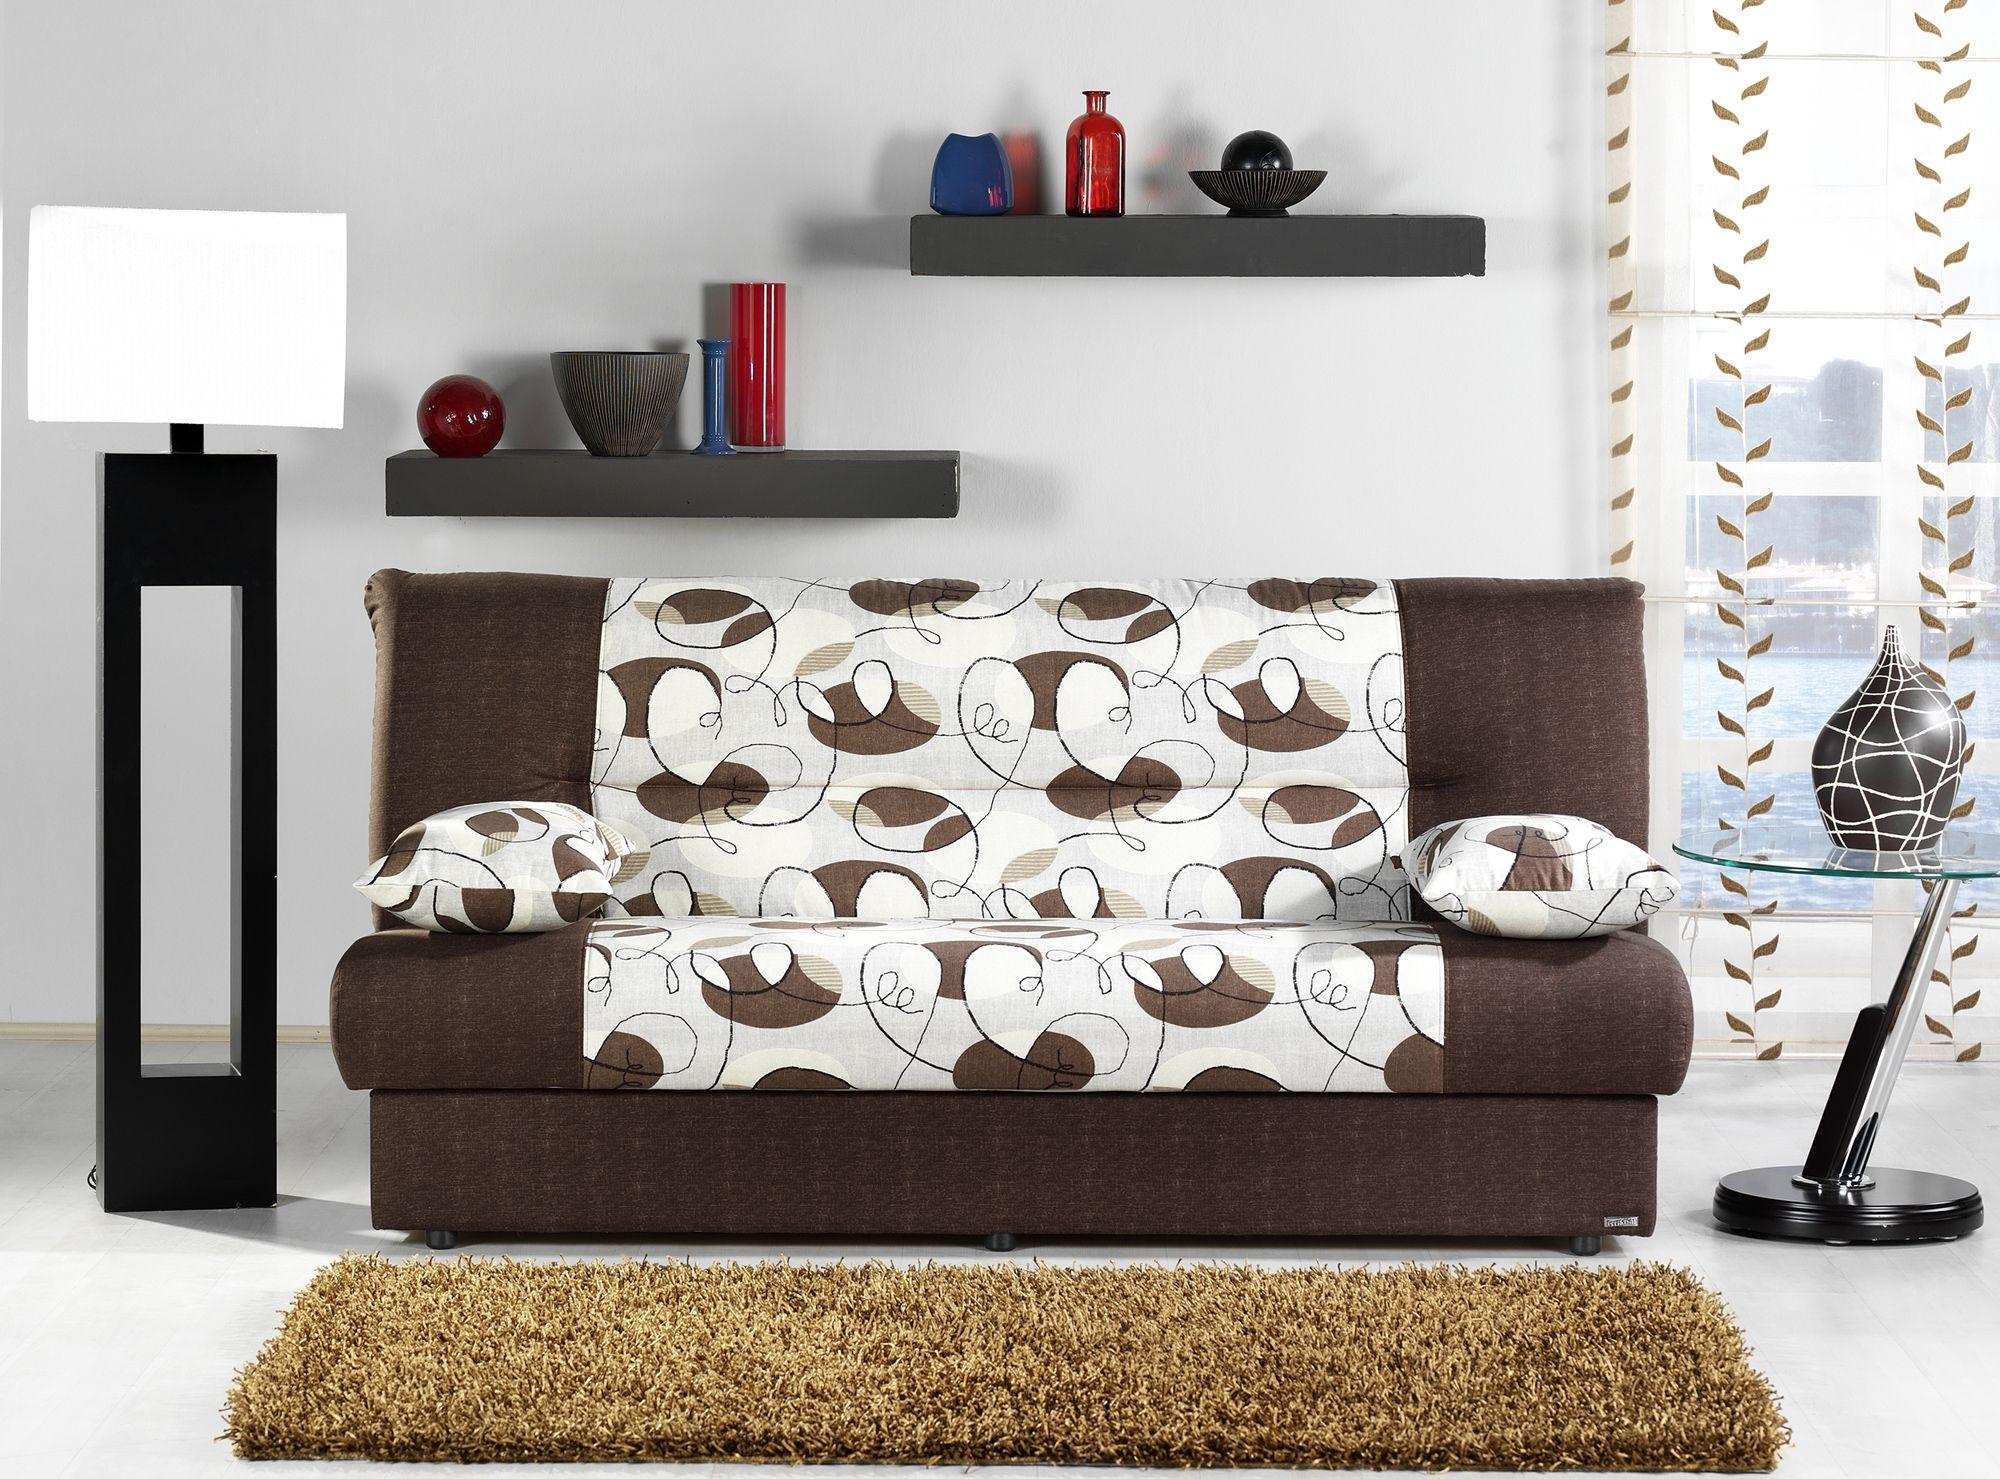 Regata Ceres Fabric Sofa bed FurnitureGalleryNYC